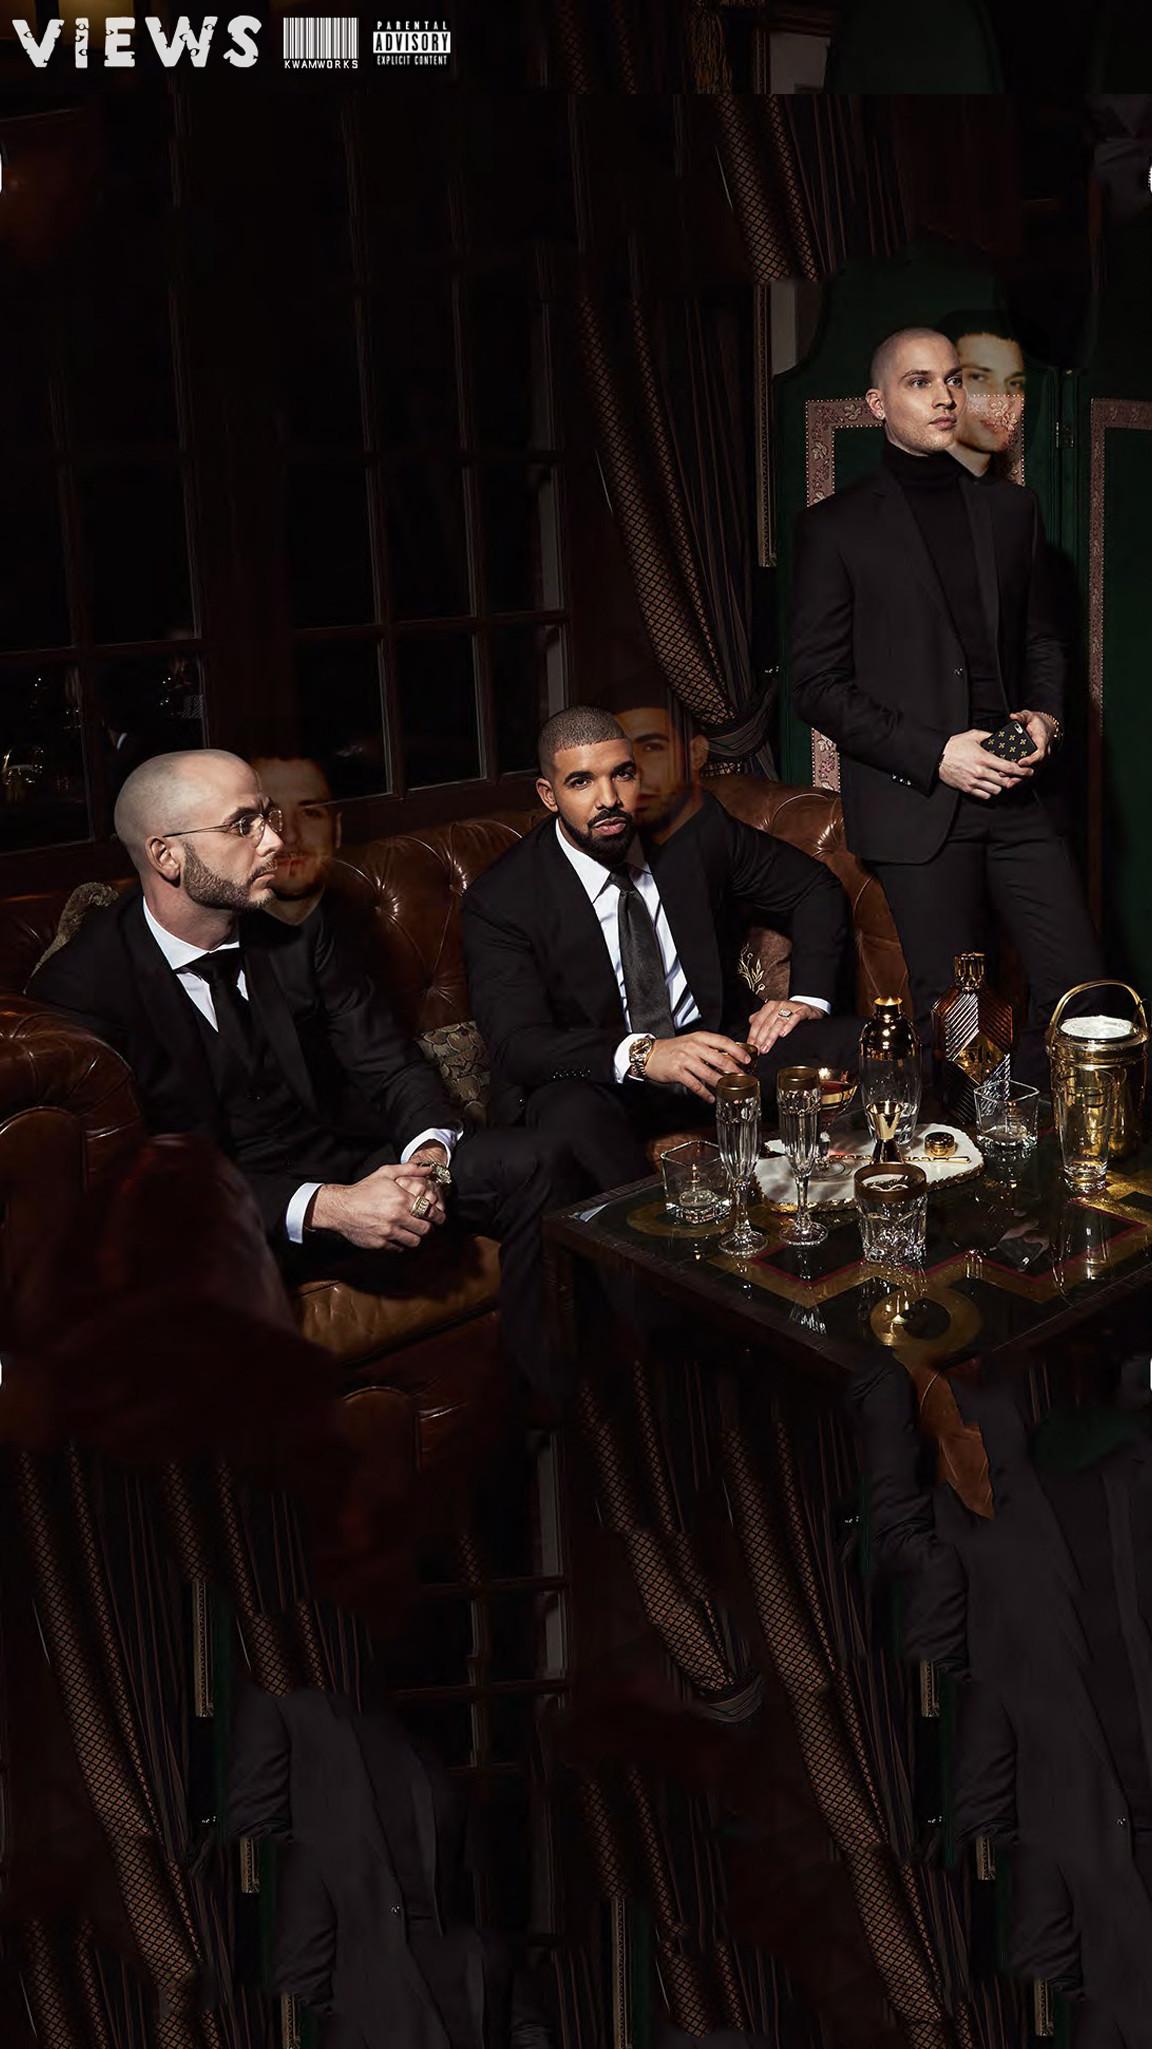 Drake iphone wallpaper 80 images - Drake views wallpaper ...